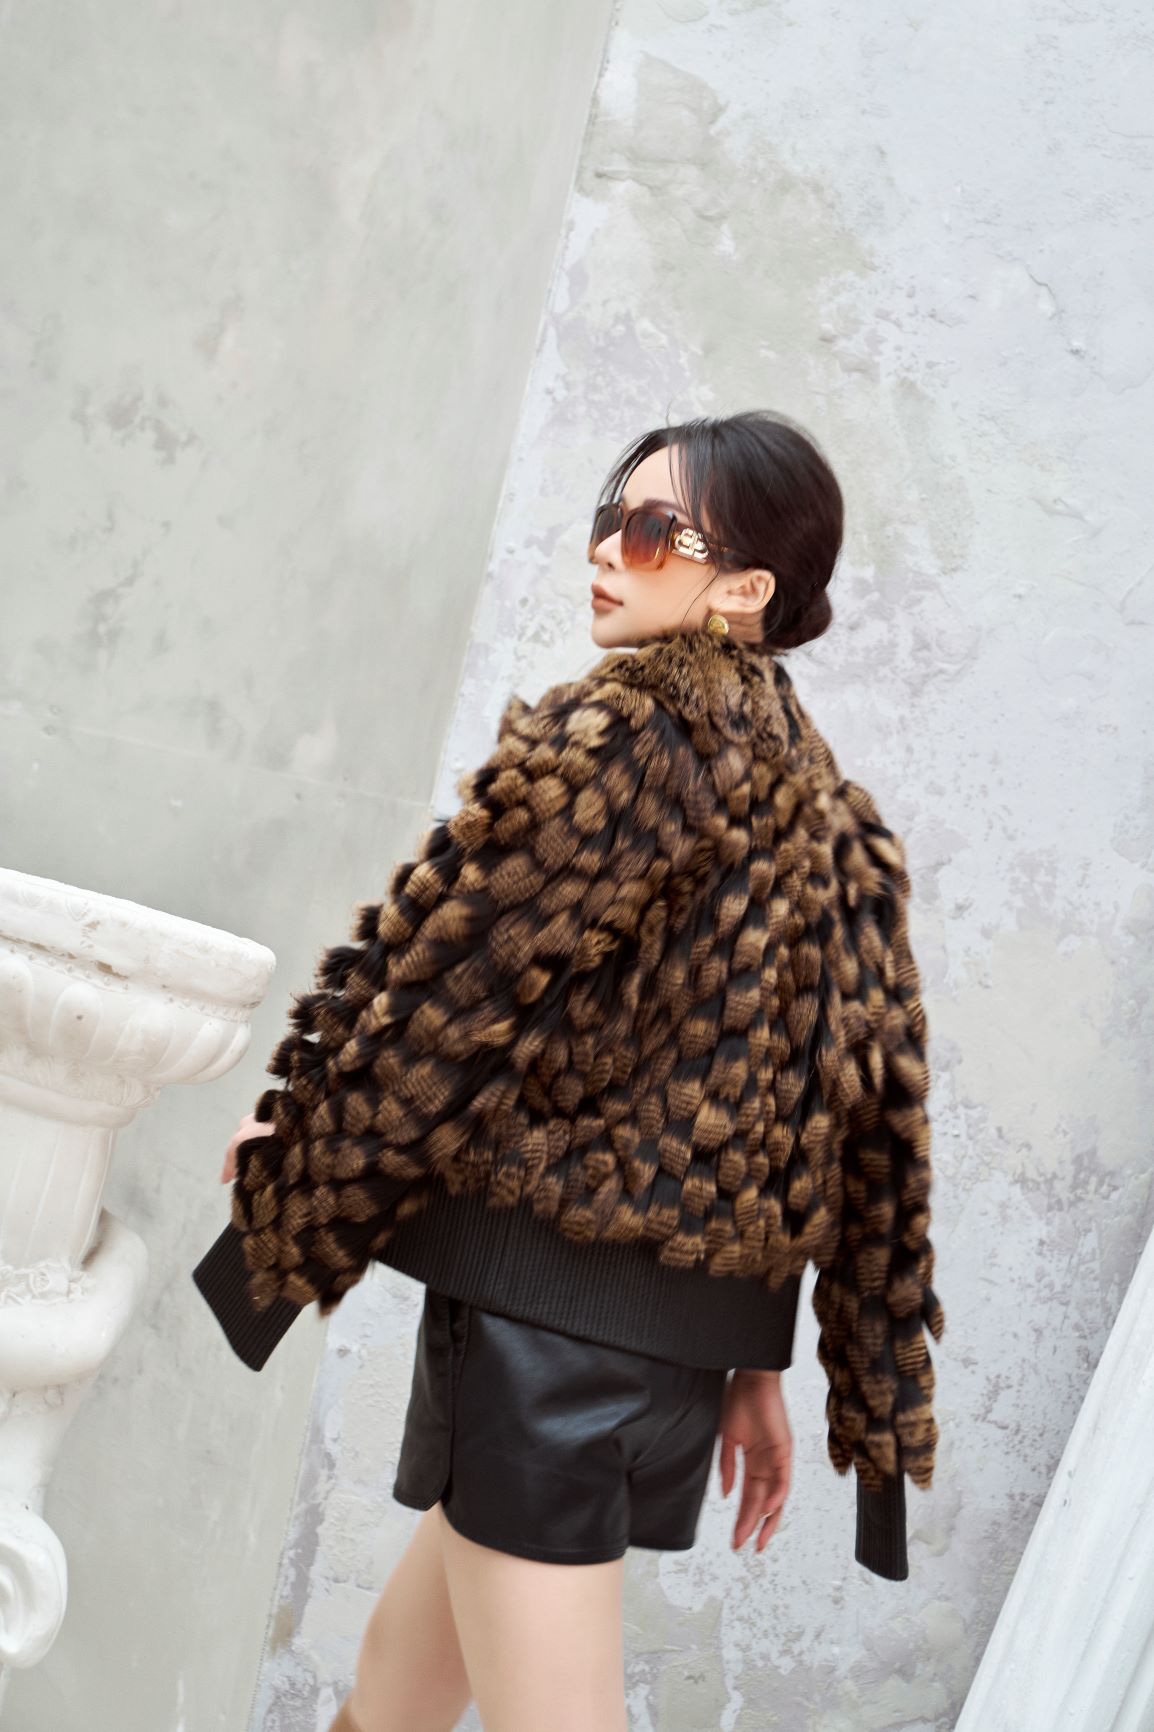 """""""Tuyển tập"""" những mẫu áo khoác lông hiện đang làm mưa làm gió mùa lễ hội 2021 - Ảnh 1."""